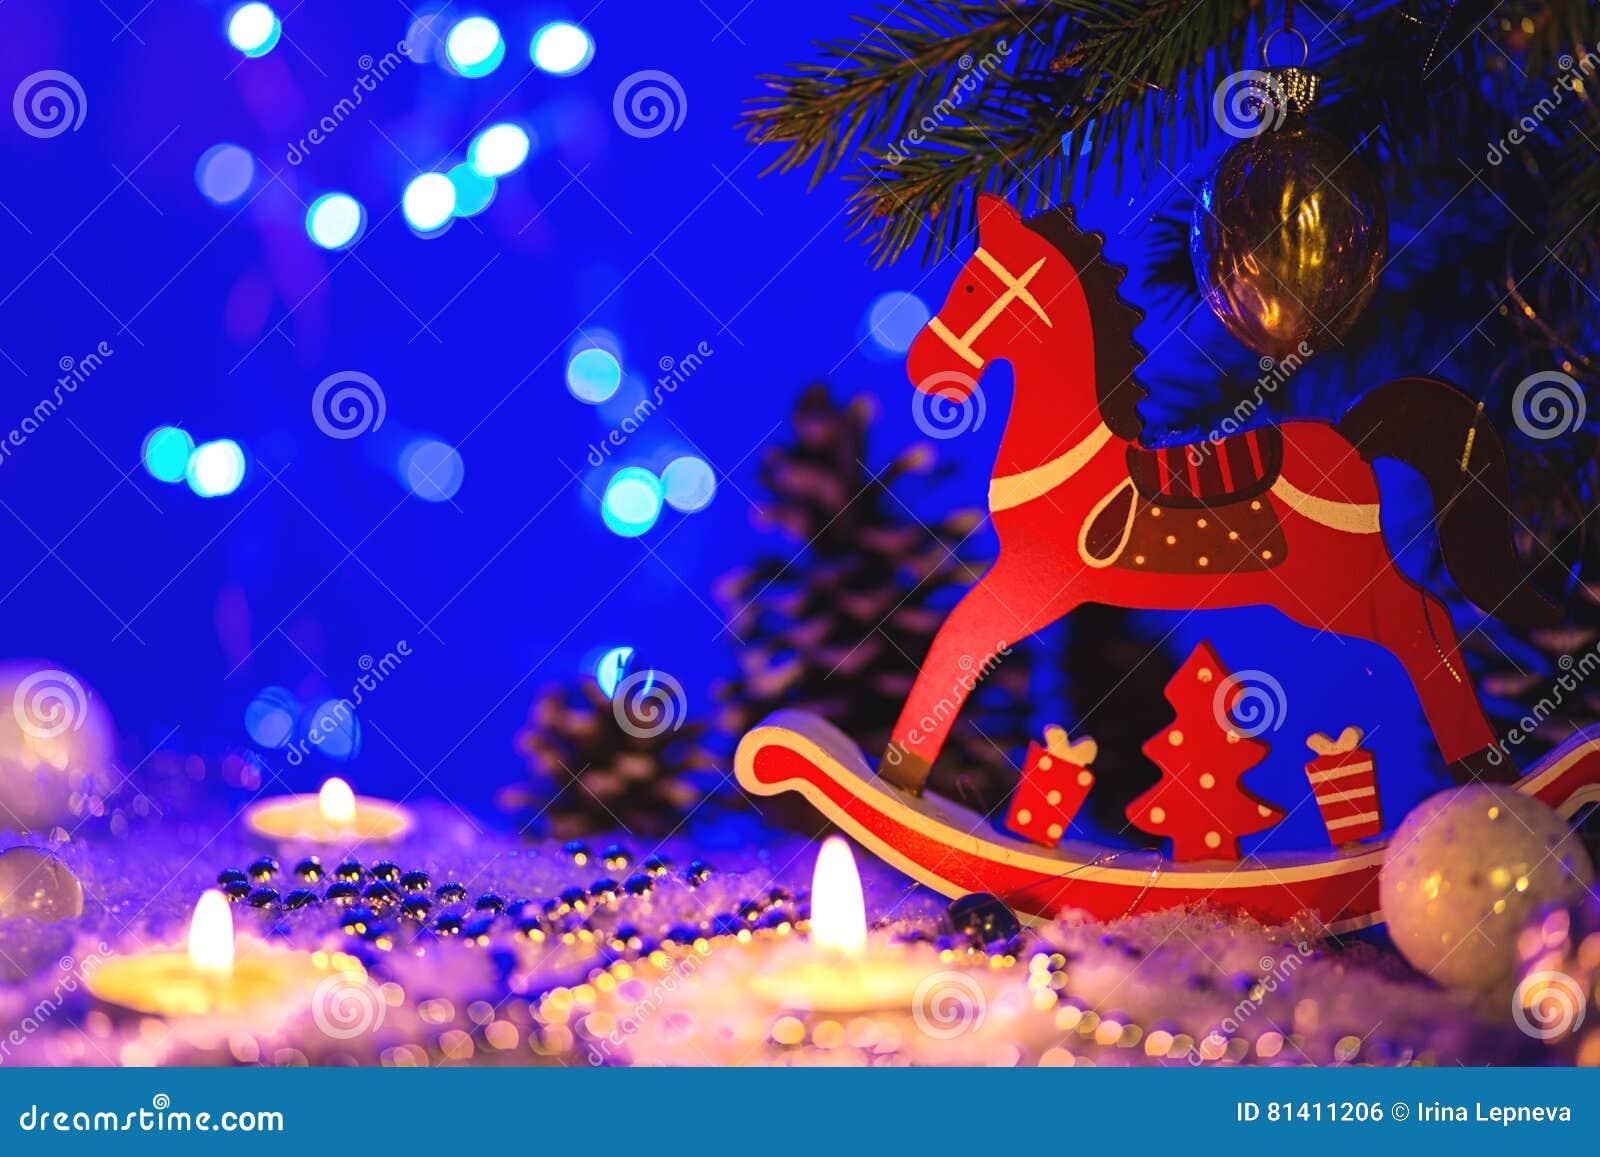 Immagini Di Natale Con Cavalli.Cartolina D Auguri Di Natale Con La Figura Del Cavallo Rosso